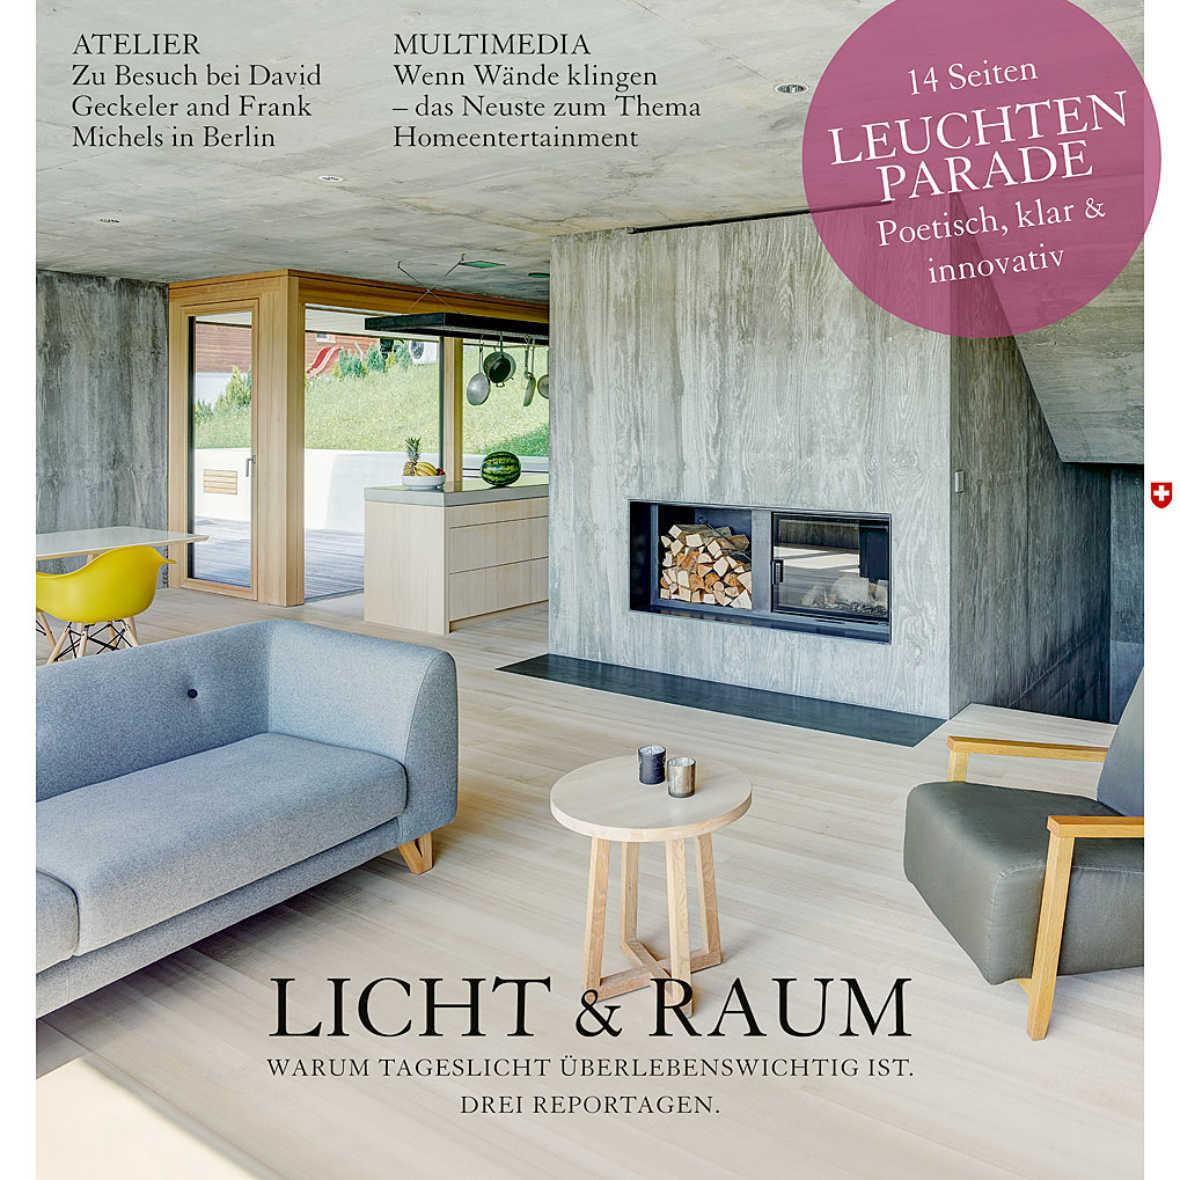 Das Ideale Heim Wohnzeitschrift Licht und Raum